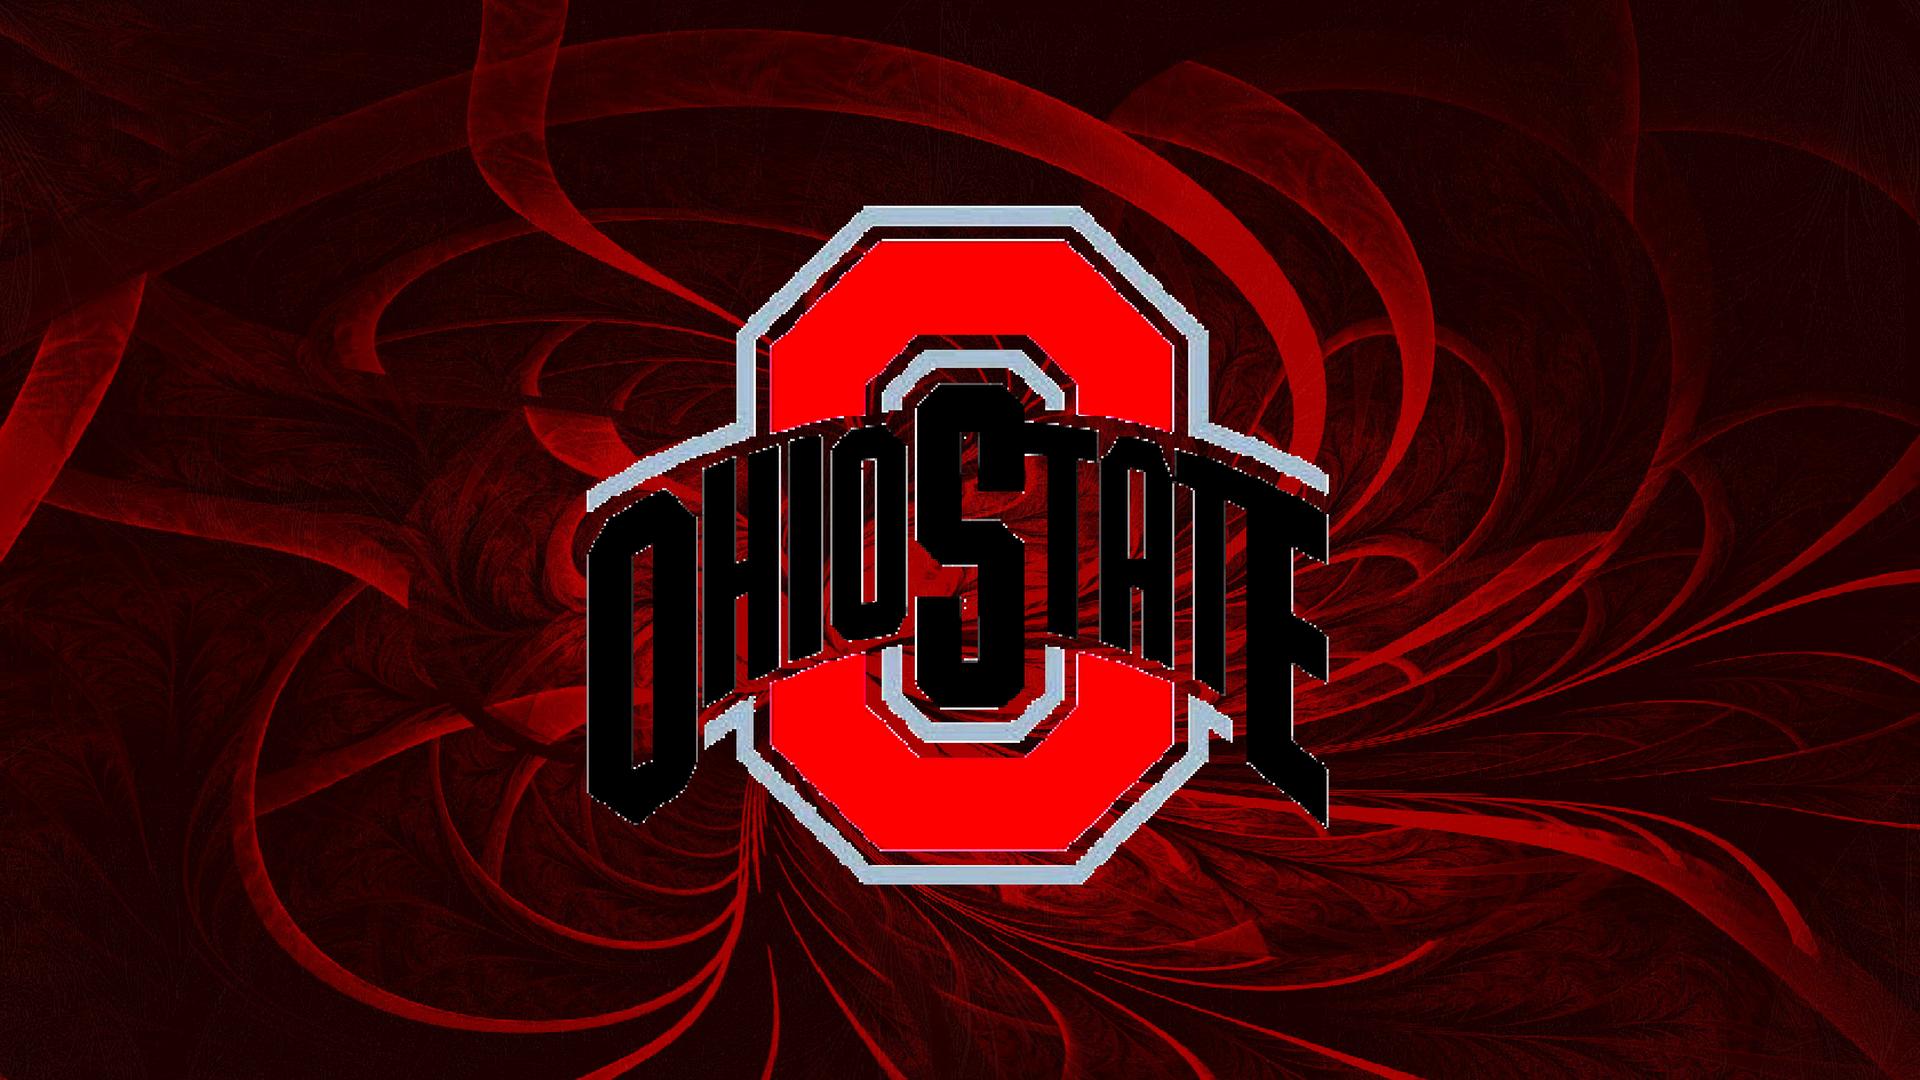 Ohio state buckeyes images athletic logo 5 ohio state buckeyes ohio state buckeyes images athletic logo 5 ohio state buckeyes 33724177 hd wallpaper and background photos voltagebd Choice Image